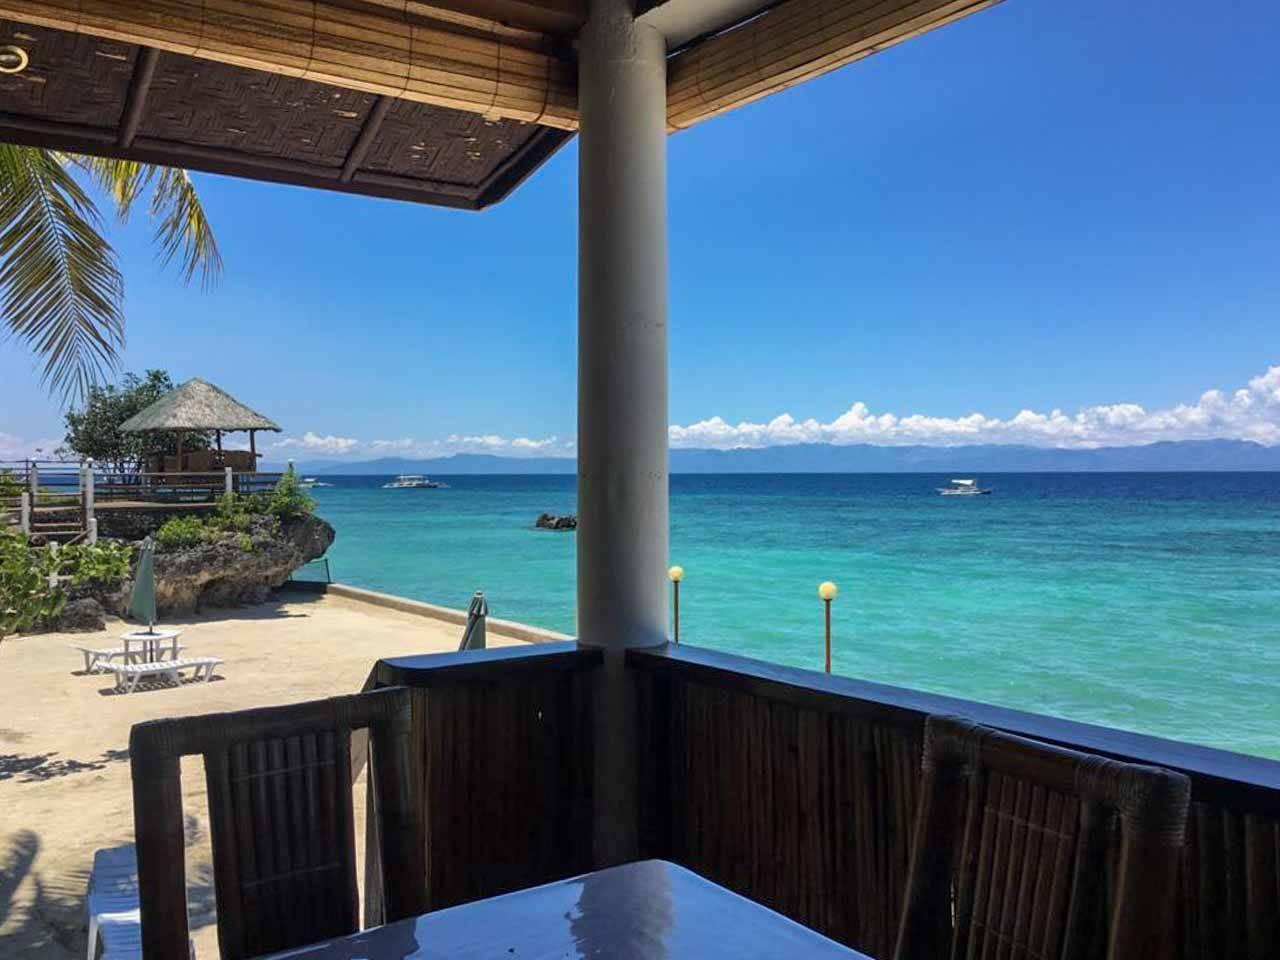 Tauif beach resort ao sul de Cebu, Filipinas.